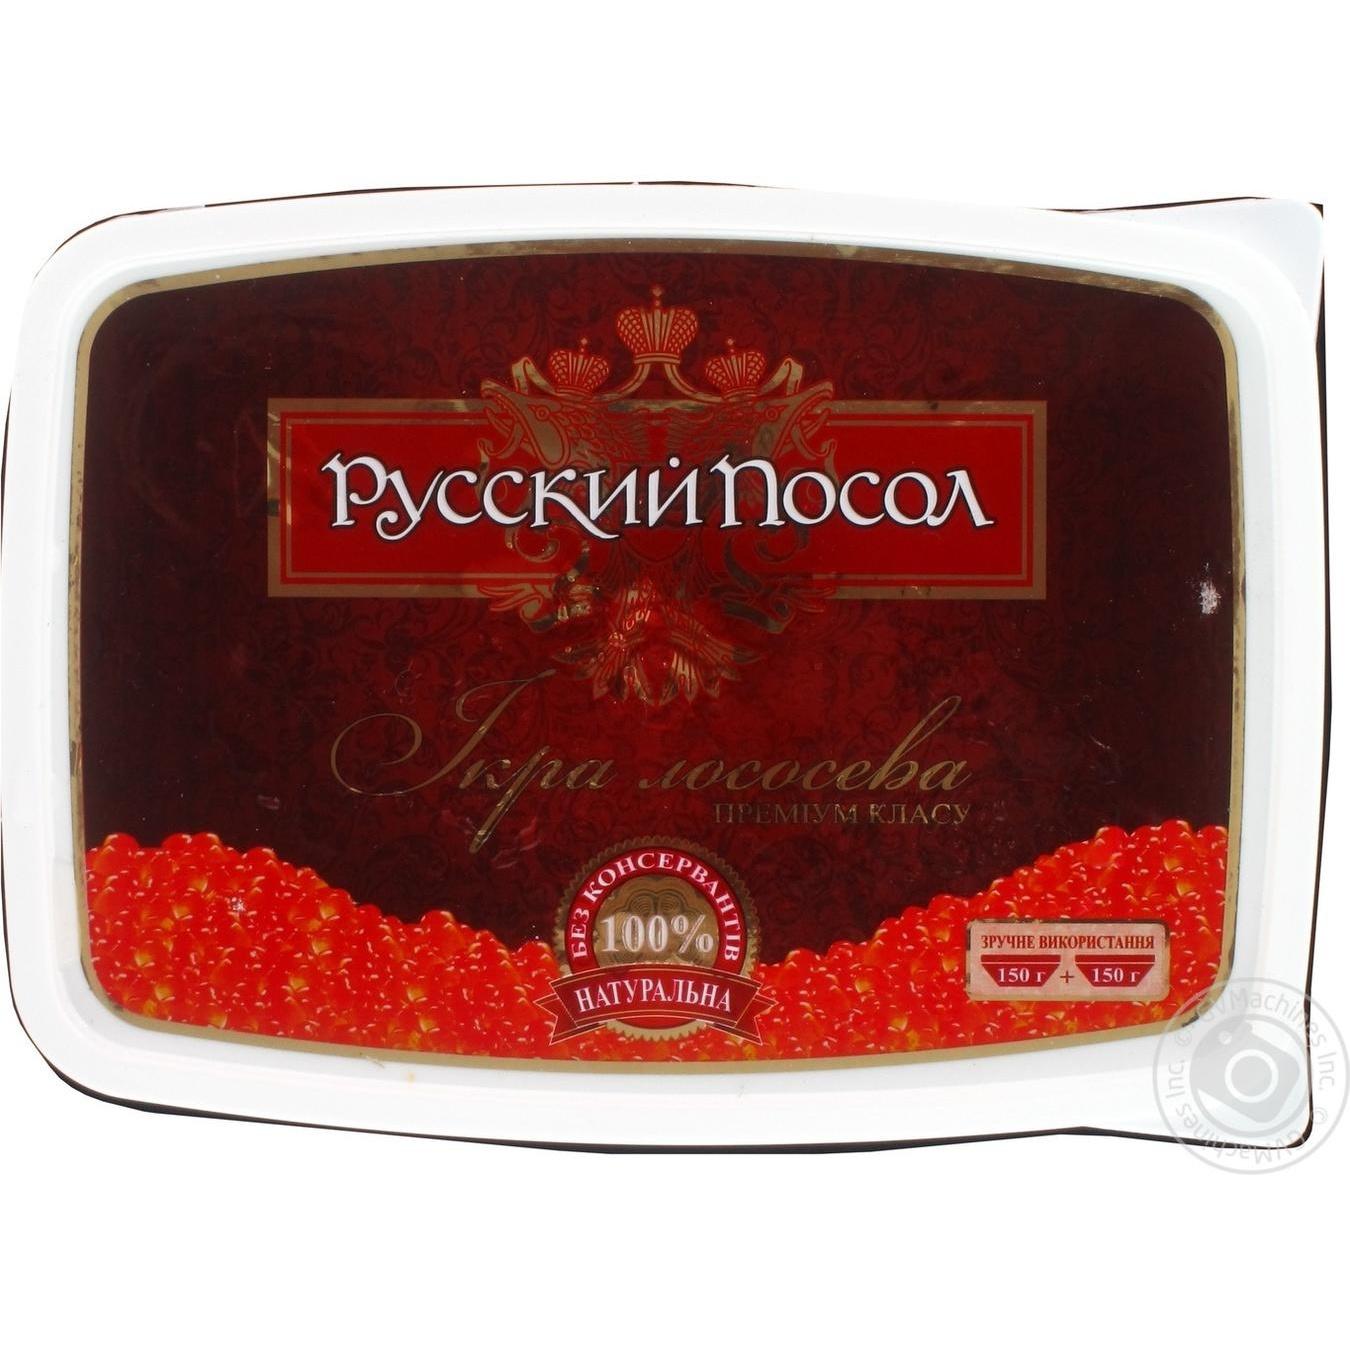 Купить Икра Русский посол лососевая солено-мороженая 300г